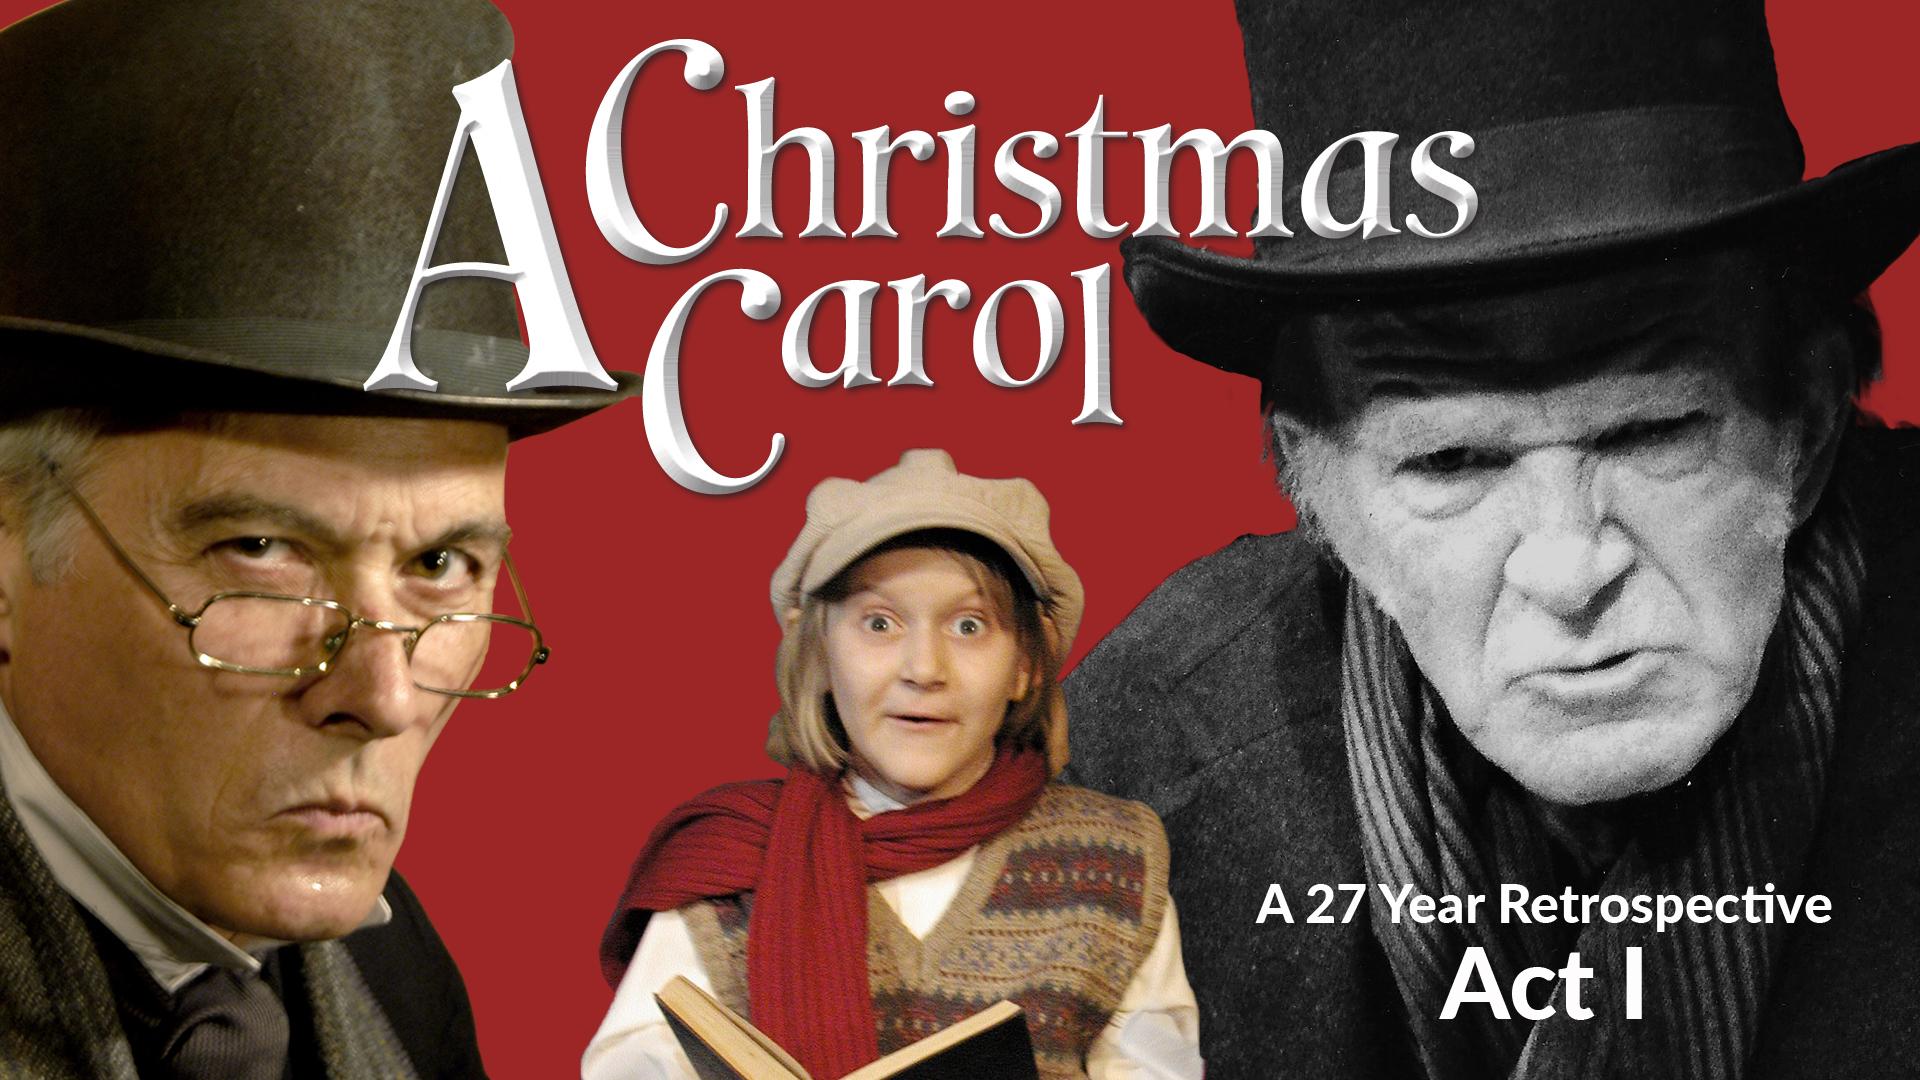 A Christmas Carol Retrospective - Act I